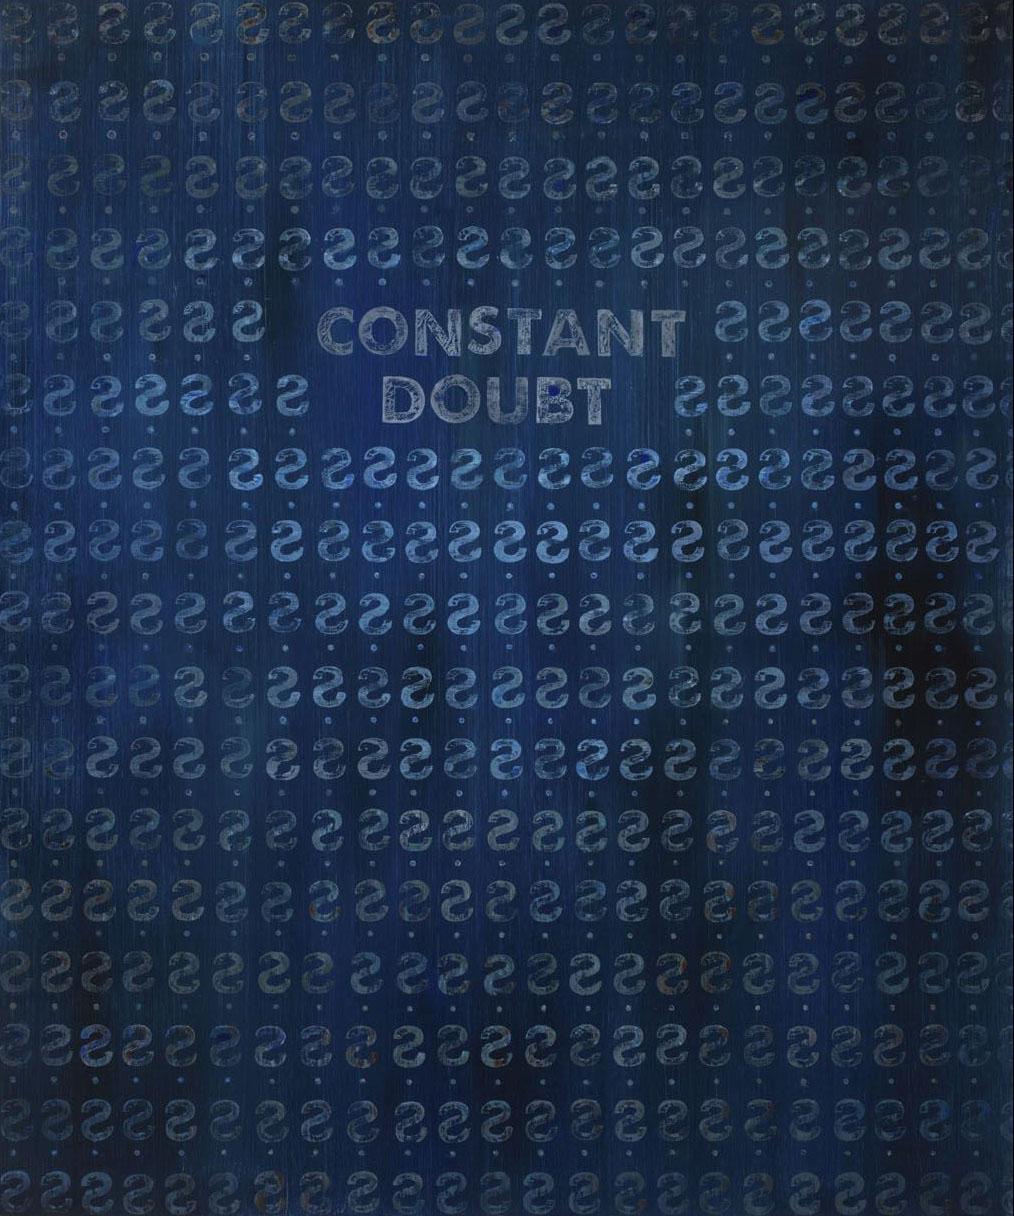 Róbert Várady: Constant Doubt